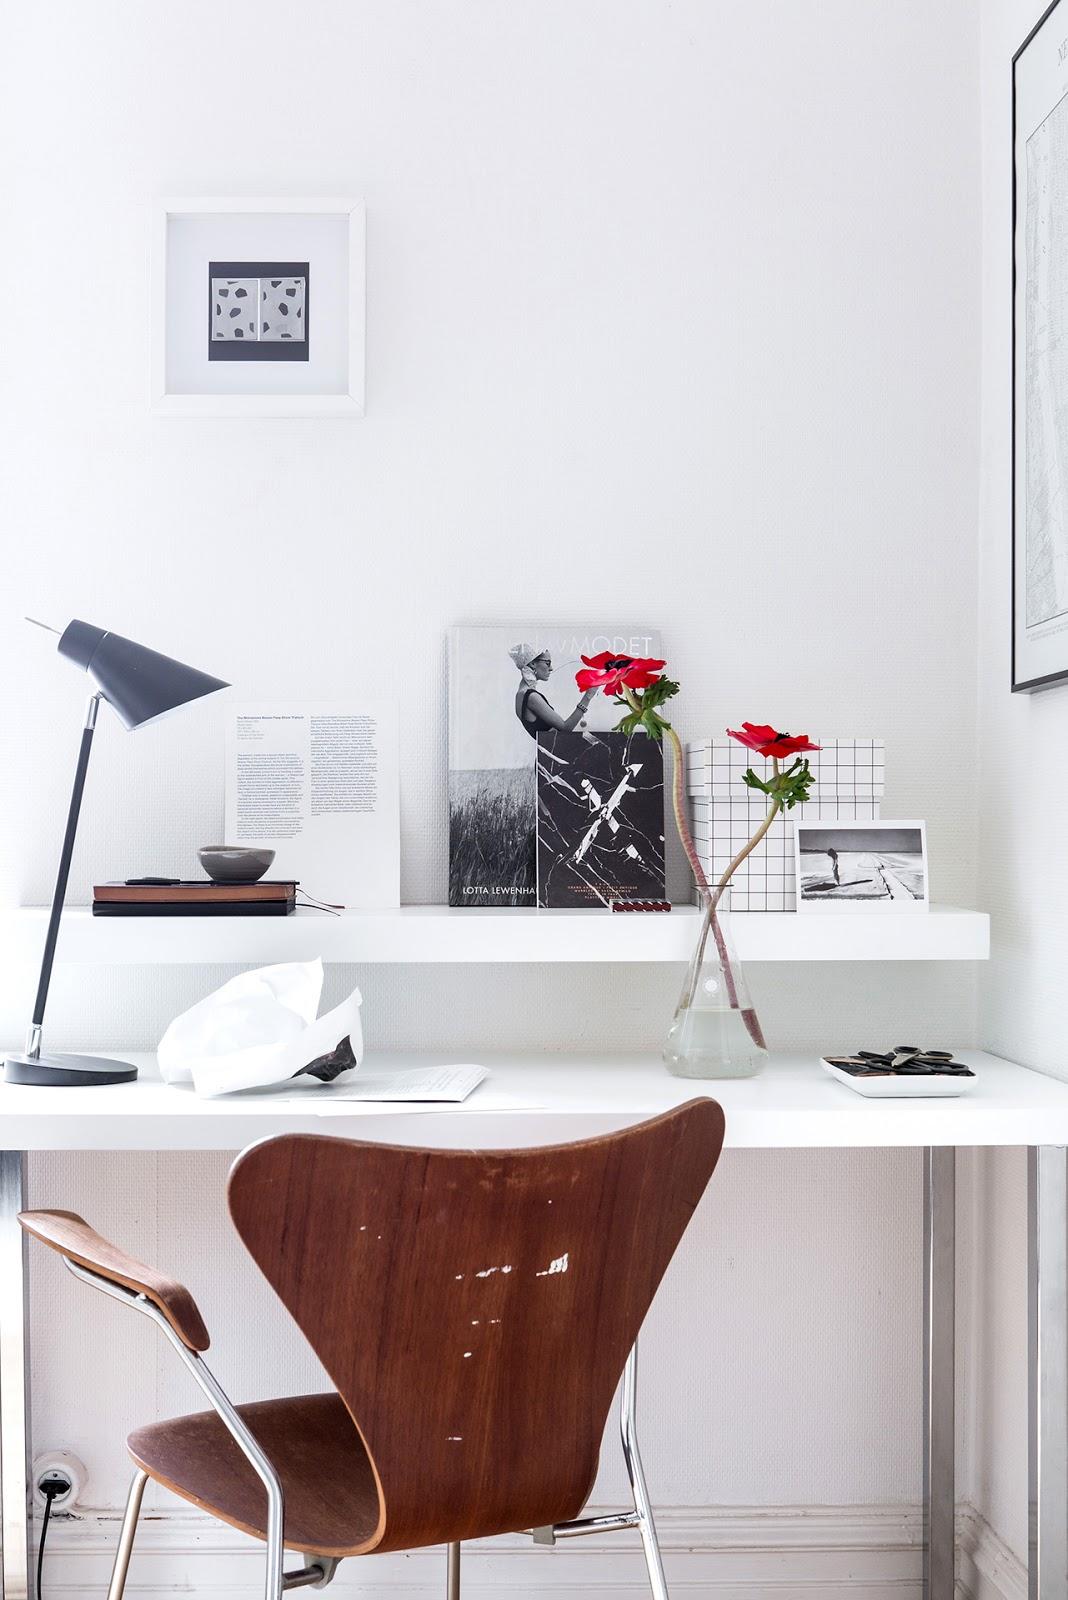 zona de trabajo, trabajo desde casa, interiorismo, estilo nordico, decoracion nordica, silla, lampara sobremesa, revistas nordicas, blogs nordicos,